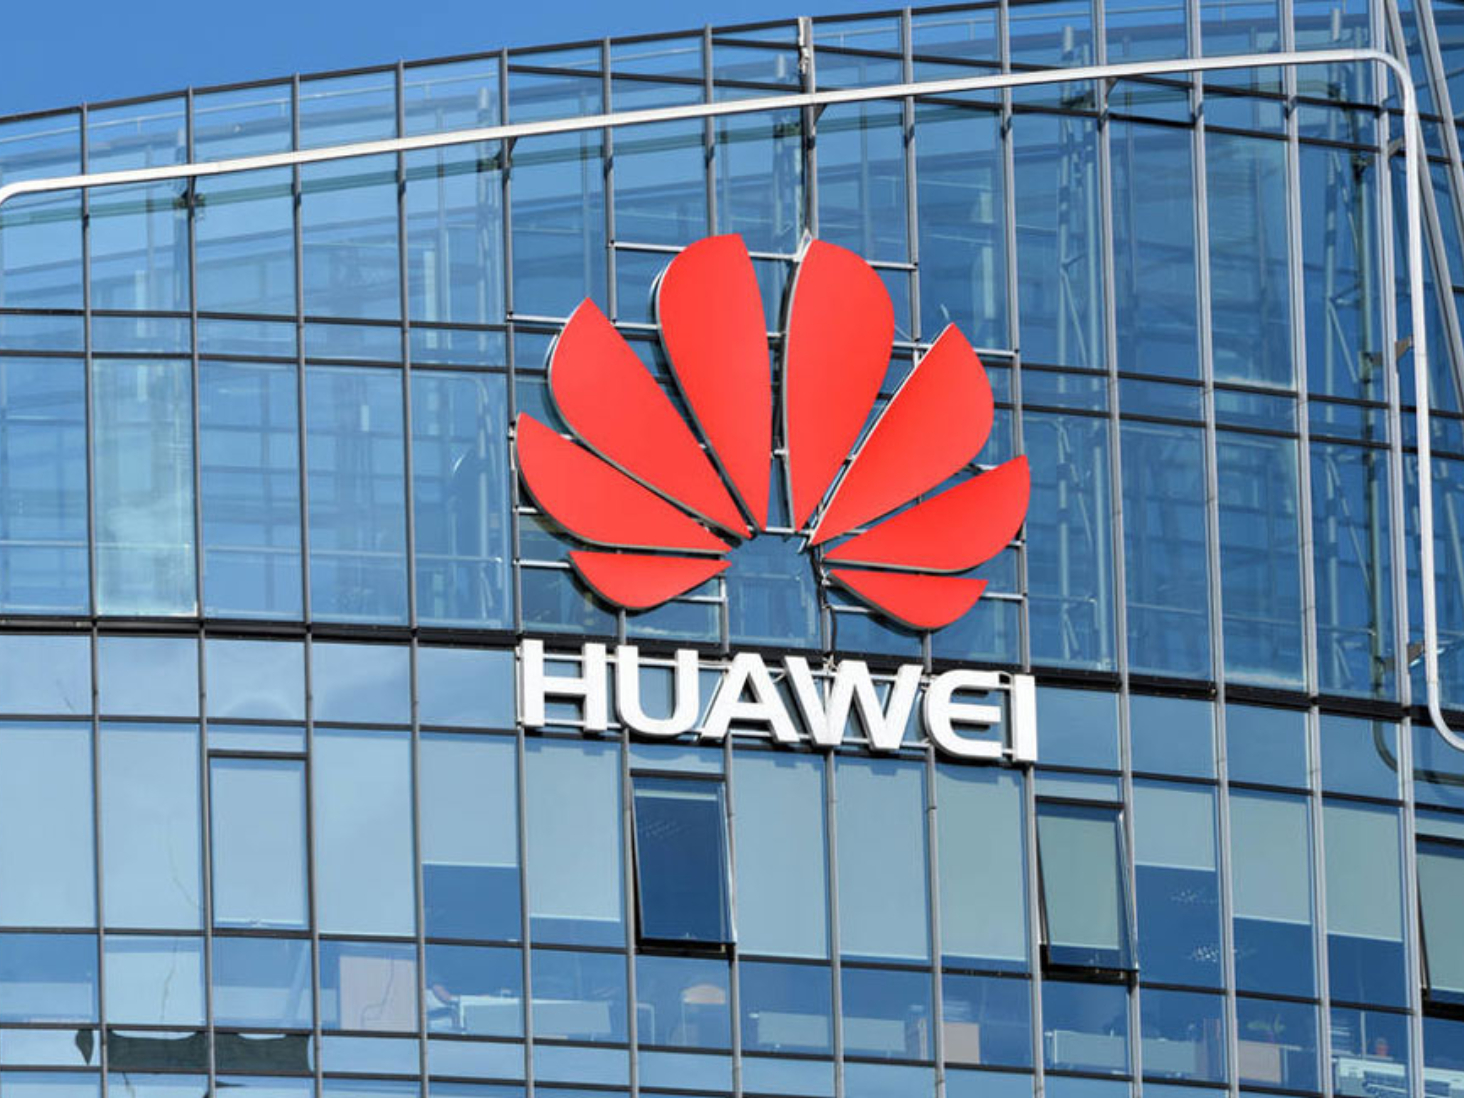 Huawei puts survival as top priority